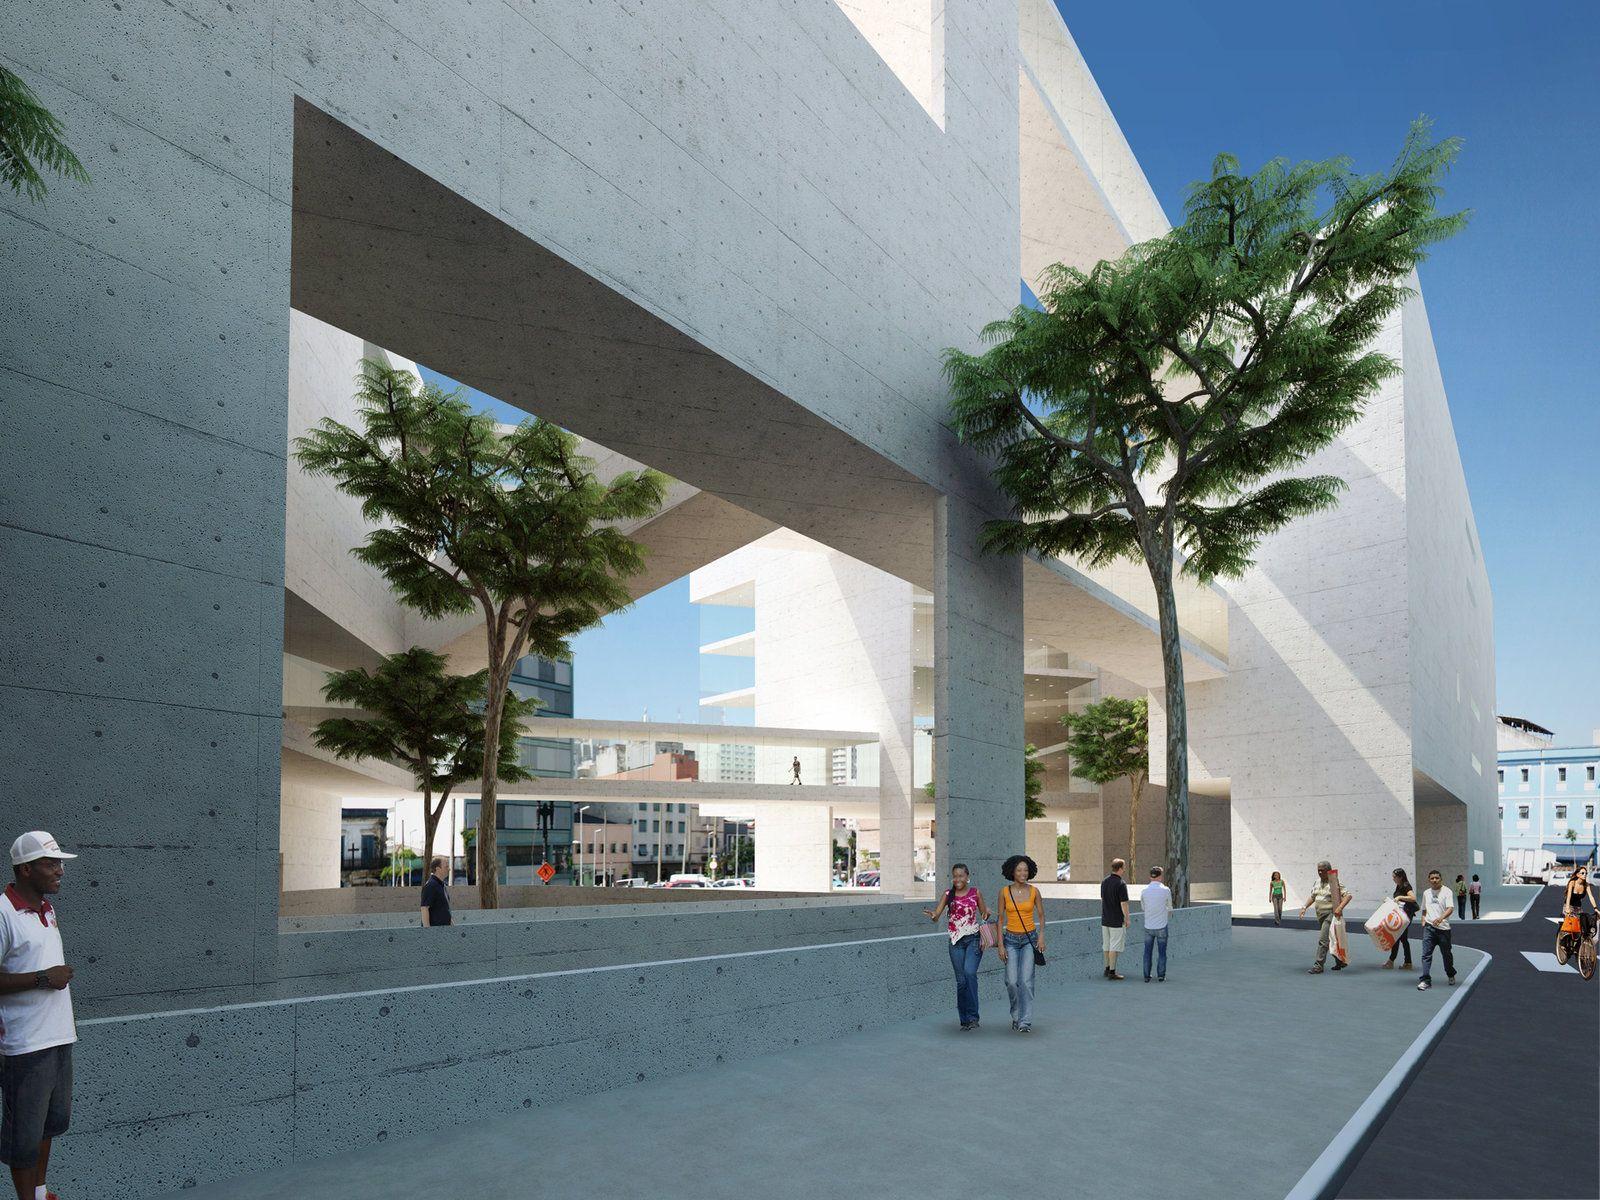 baixa_DMC_02_C5.jpg Museu da Democracia. São Paulo, SP, Brasil. Projeto: Escritório 'Brasil Arquitetura'.